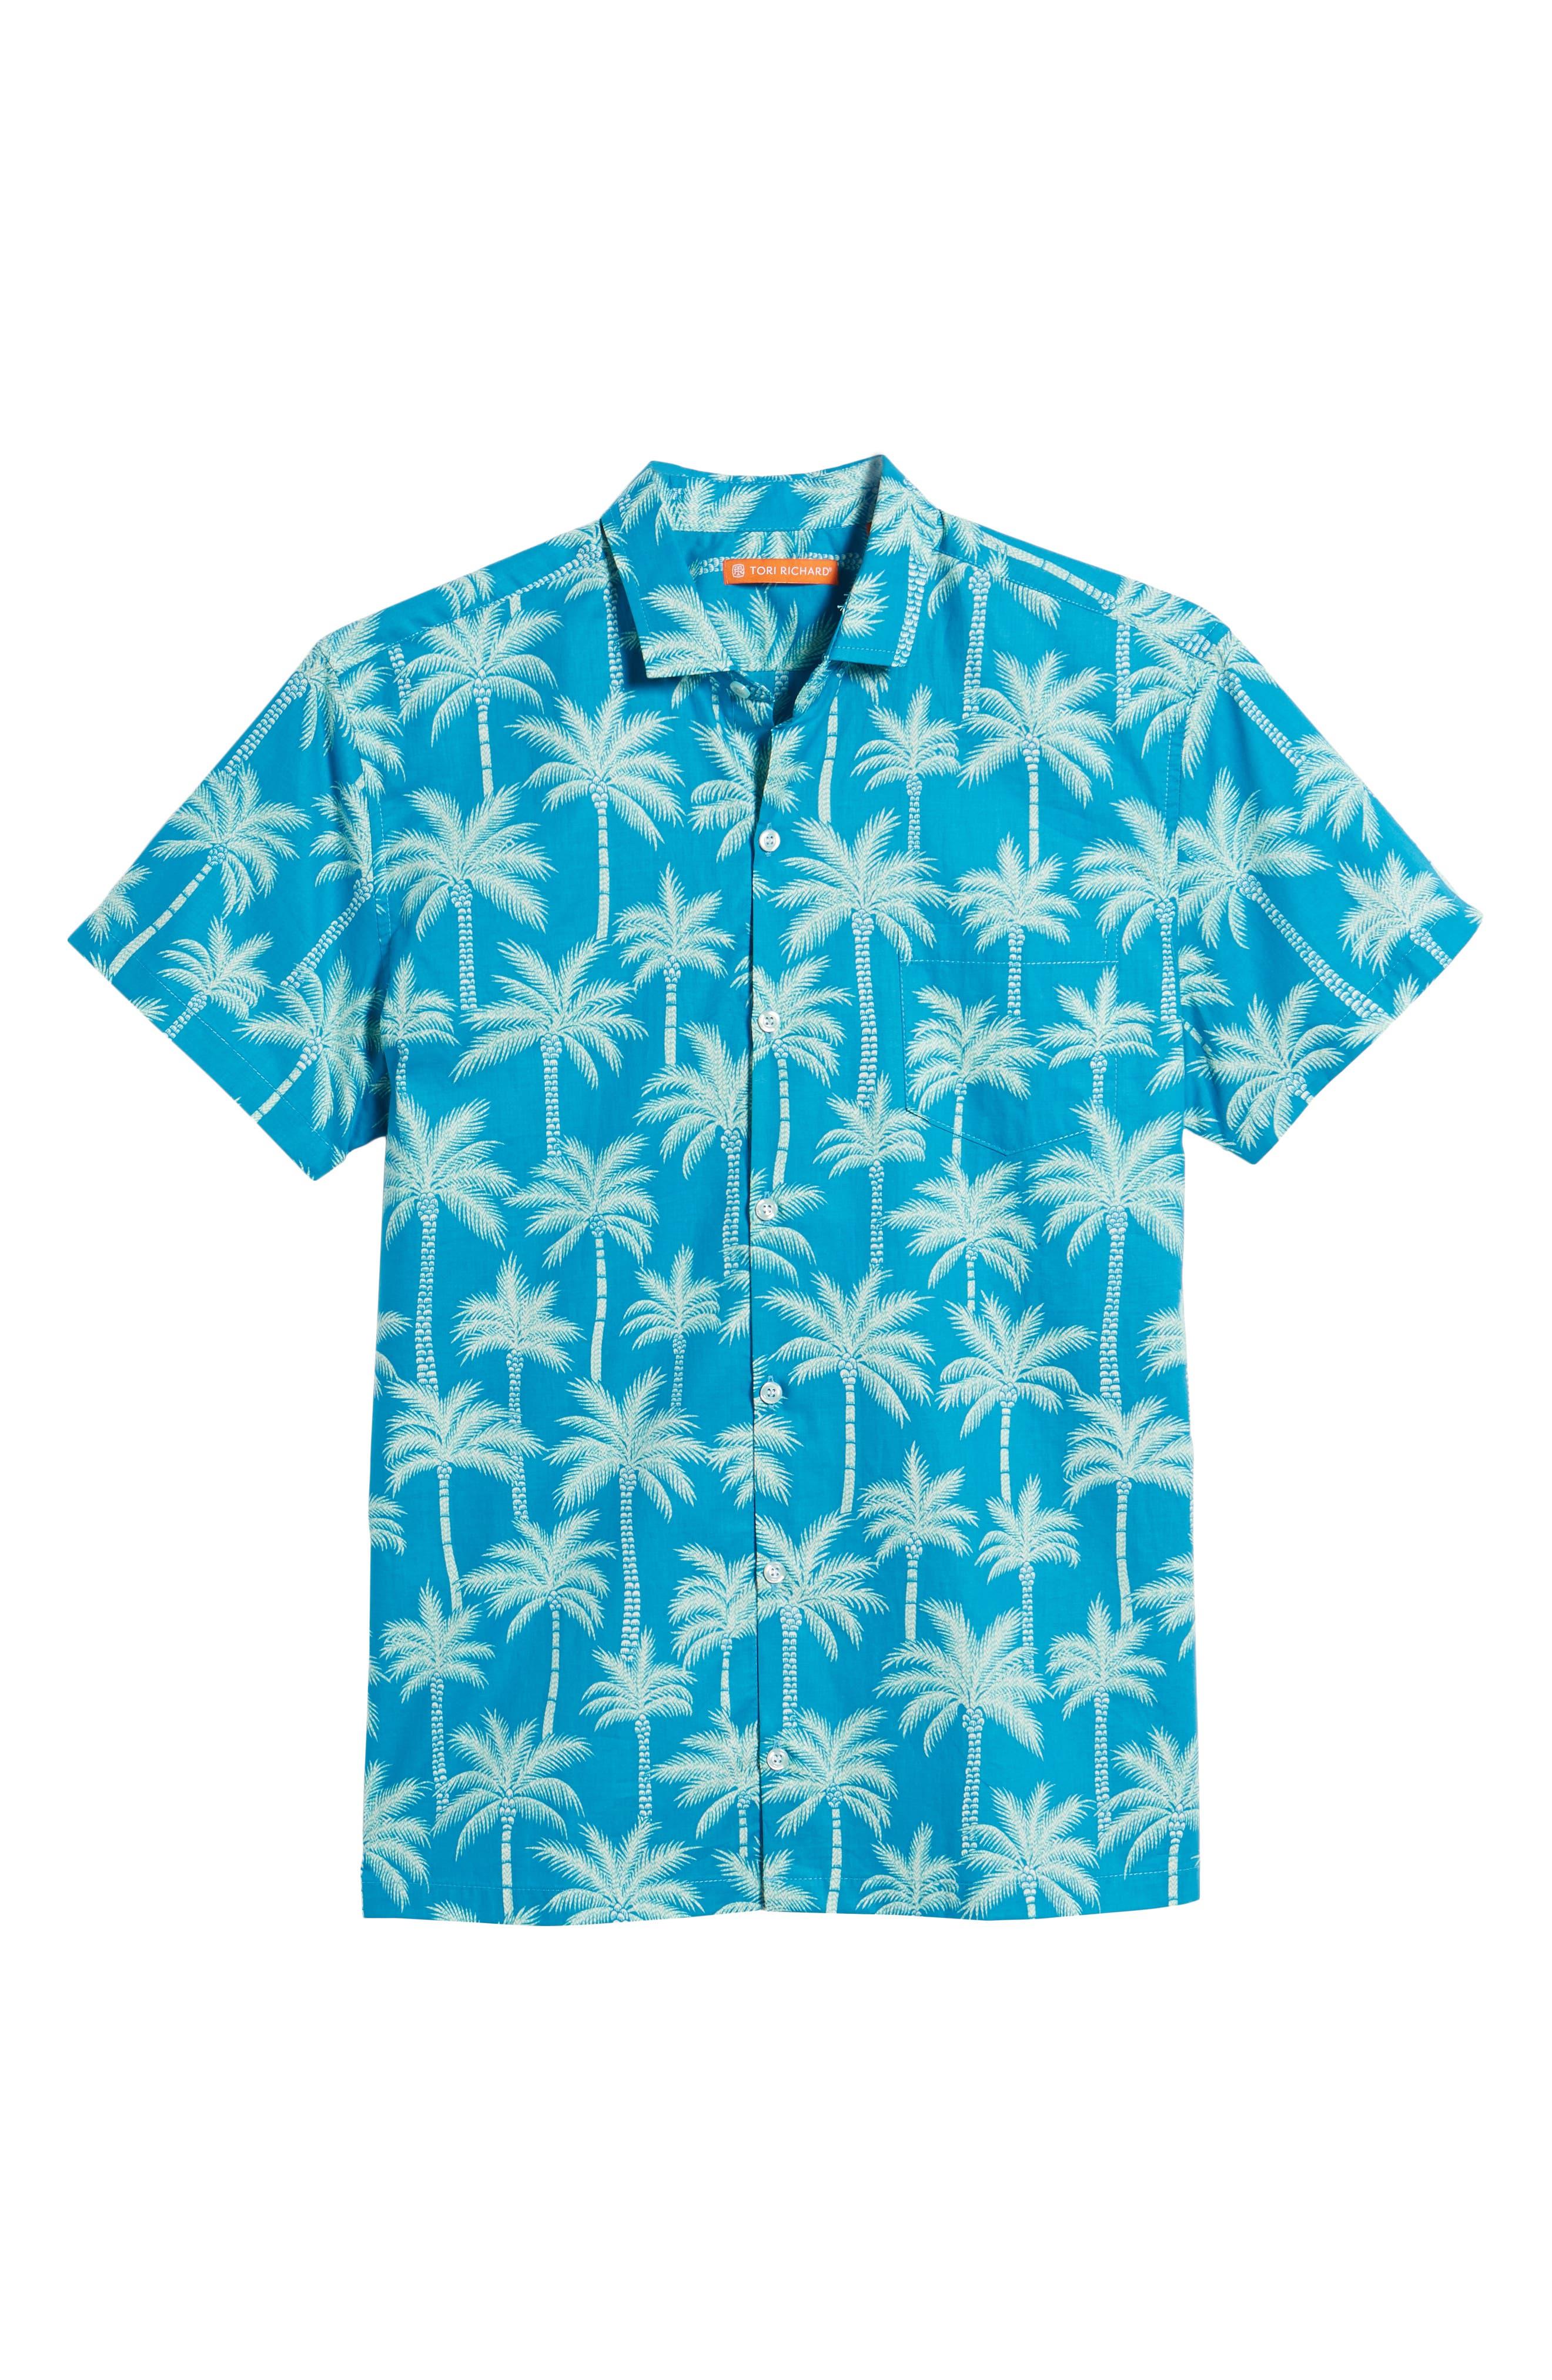 Erté Palm Camp Shirt,                             Alternate thumbnail 6, color,                             476